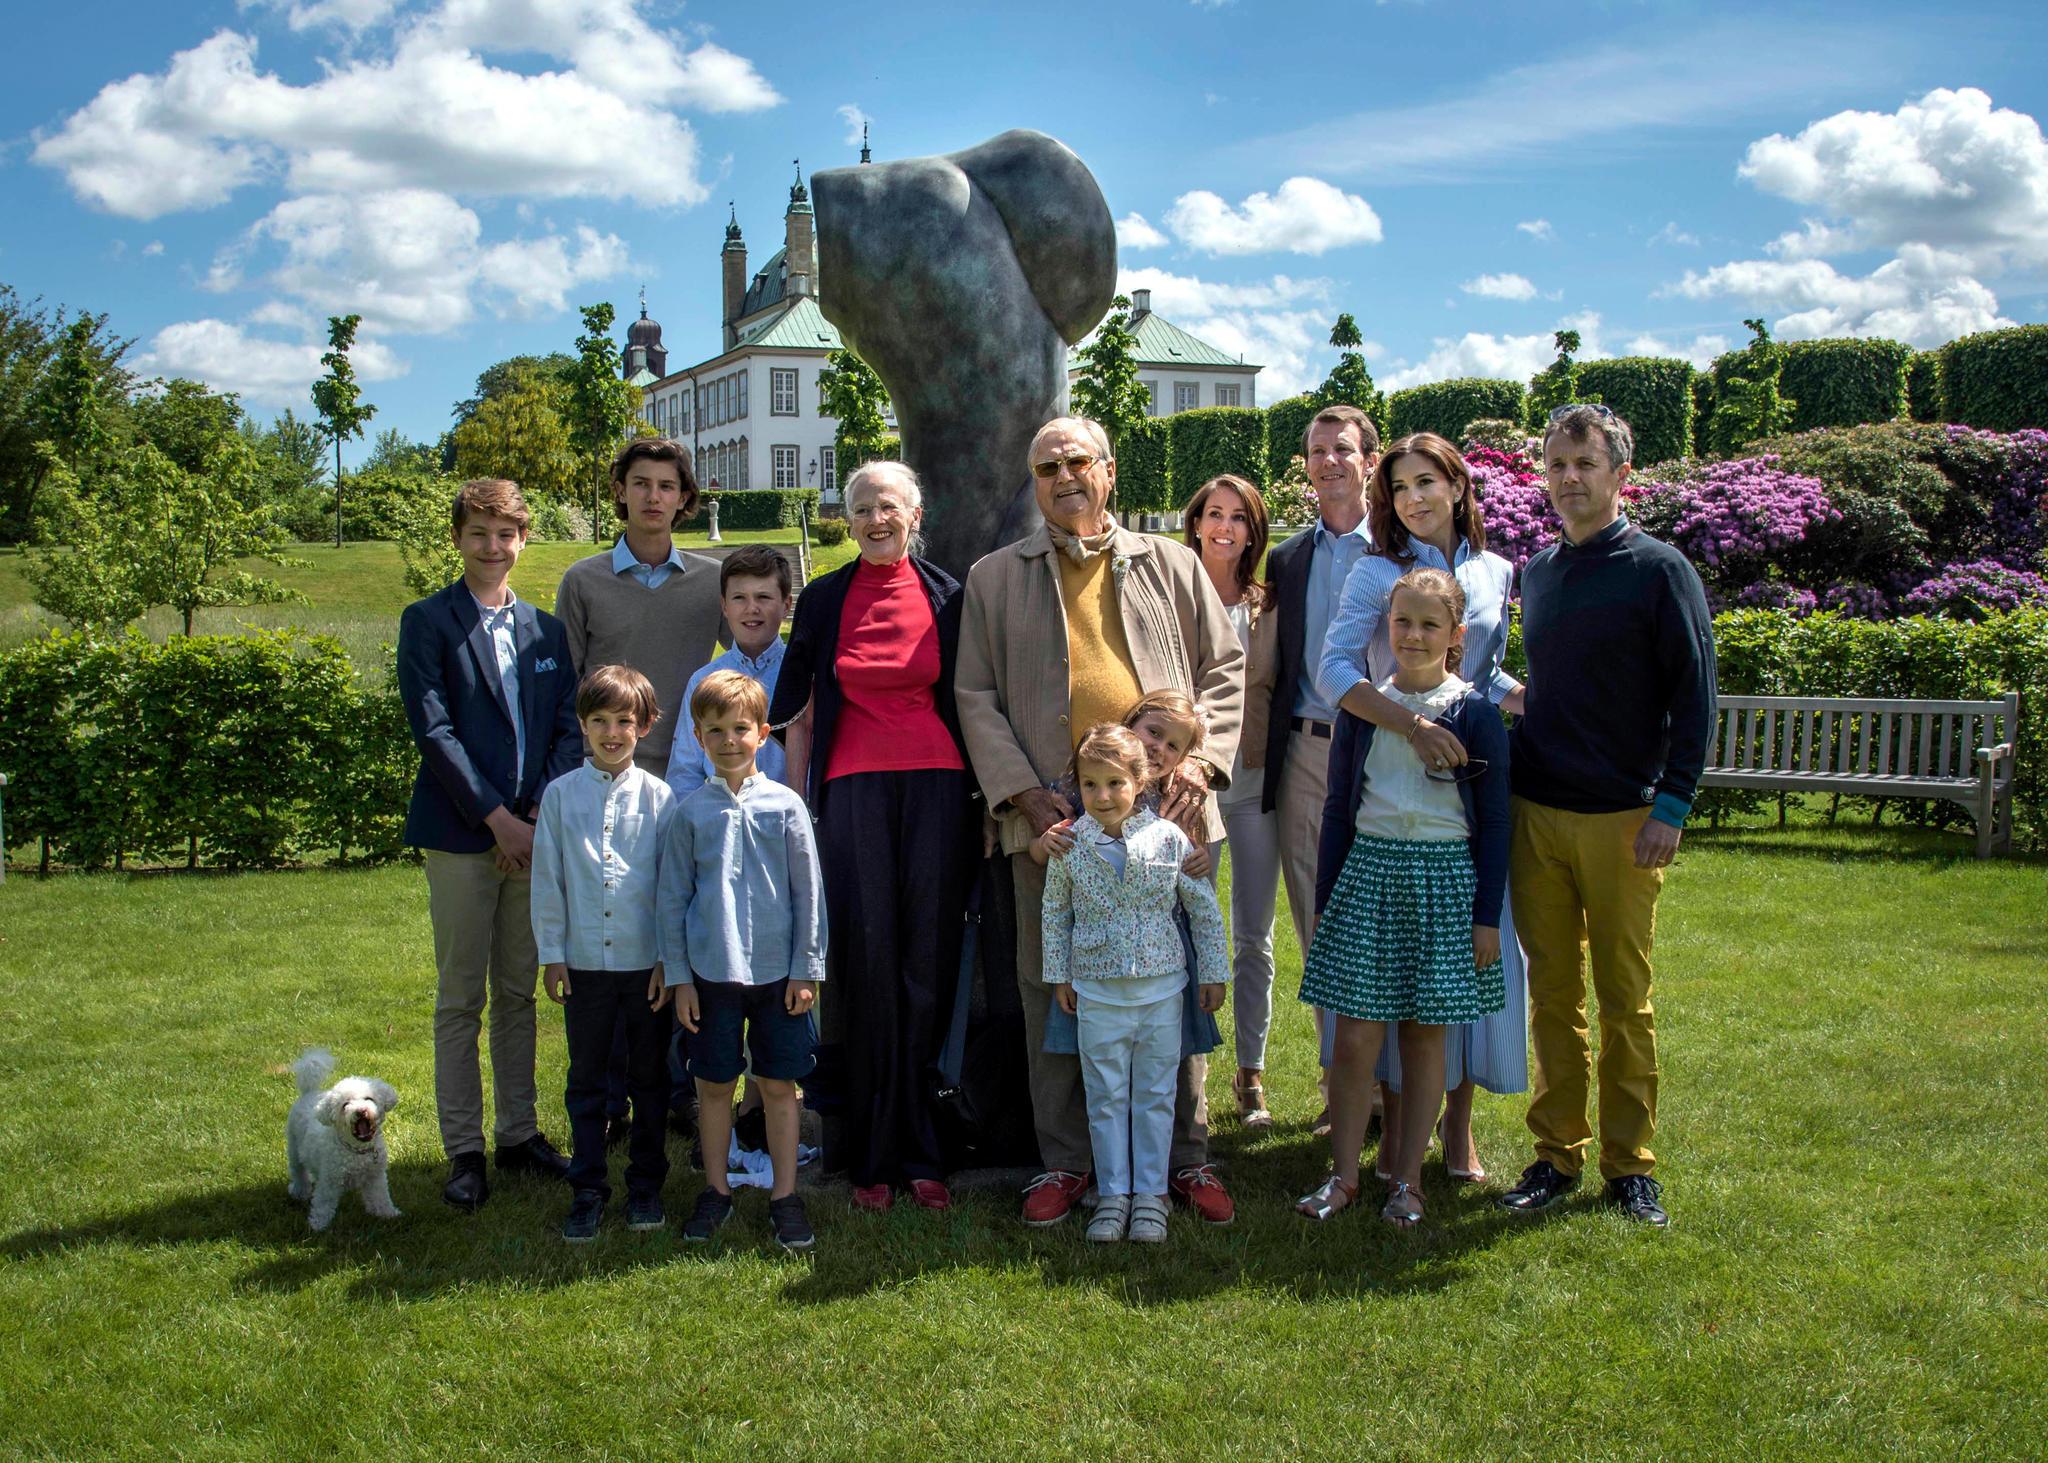 Bemühte Familienidylle zur goldenen Hochzeit Anfang Juni: Henrik und Margrethe im Kreis der Kinder und Enkel